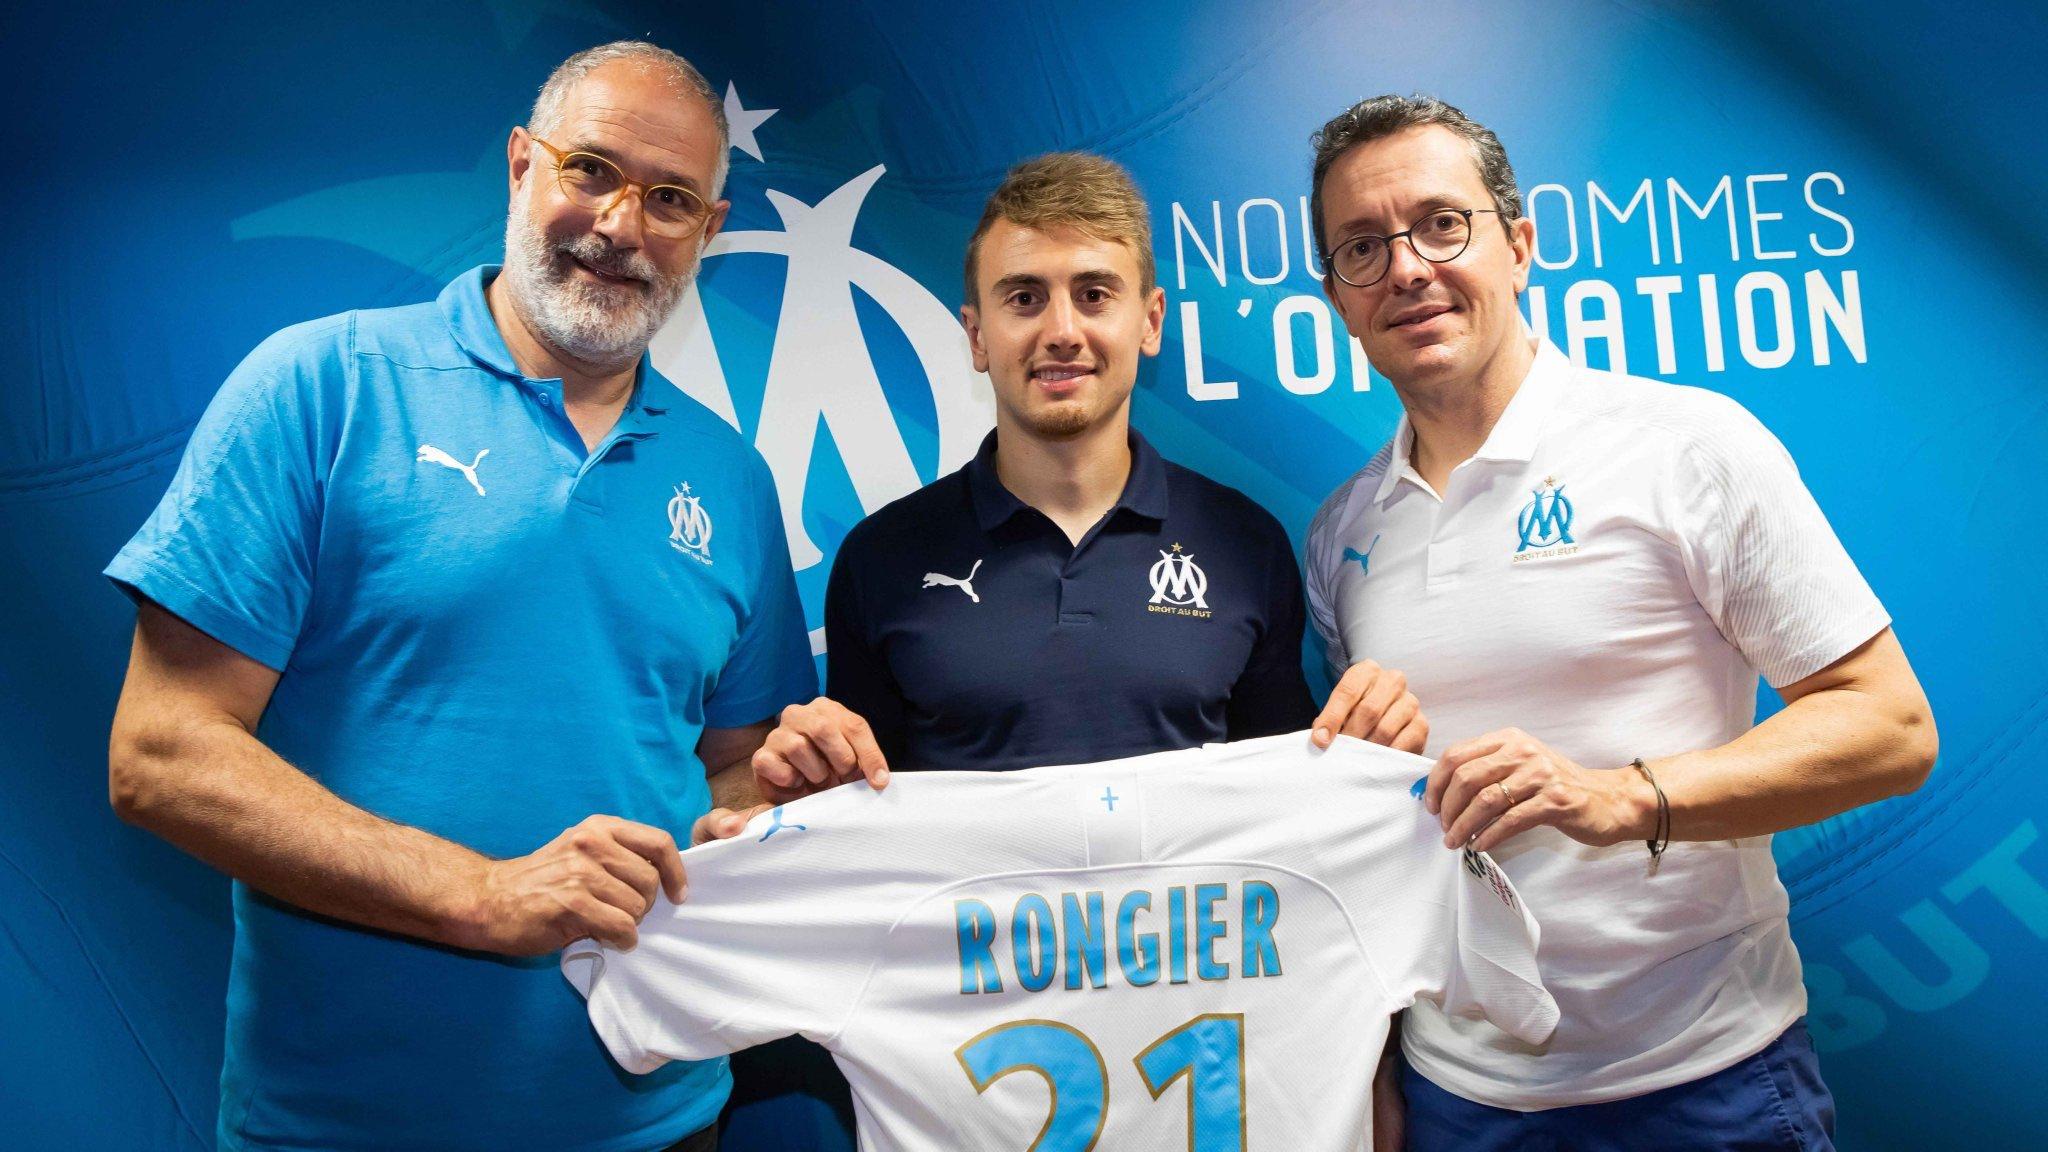 Officiel - Mercato : l'OM annonce la signature de Valentin Rongier